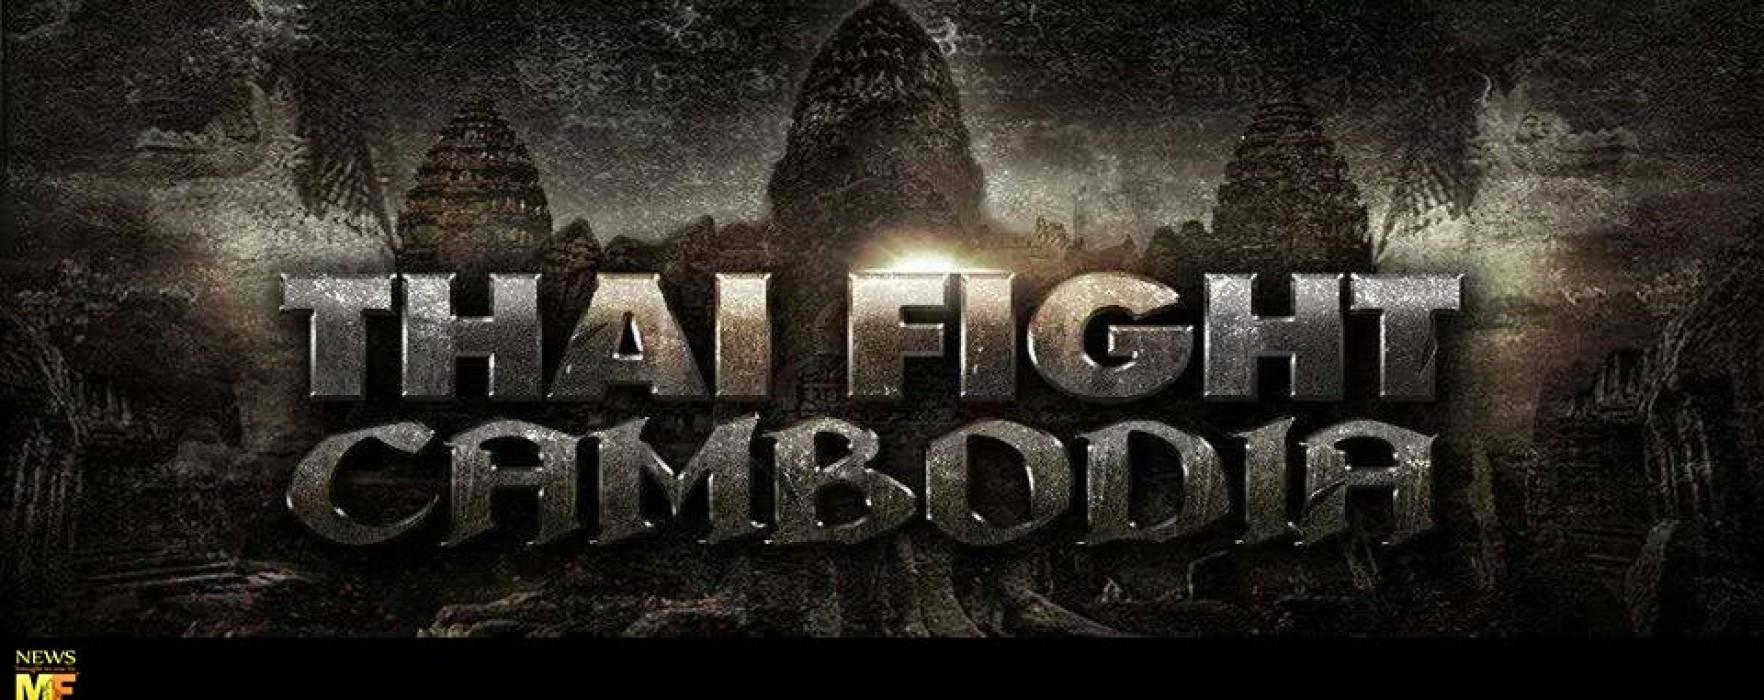 Flash News: Prossima data del Thai Fight, Malesia 16 Agosto 2014